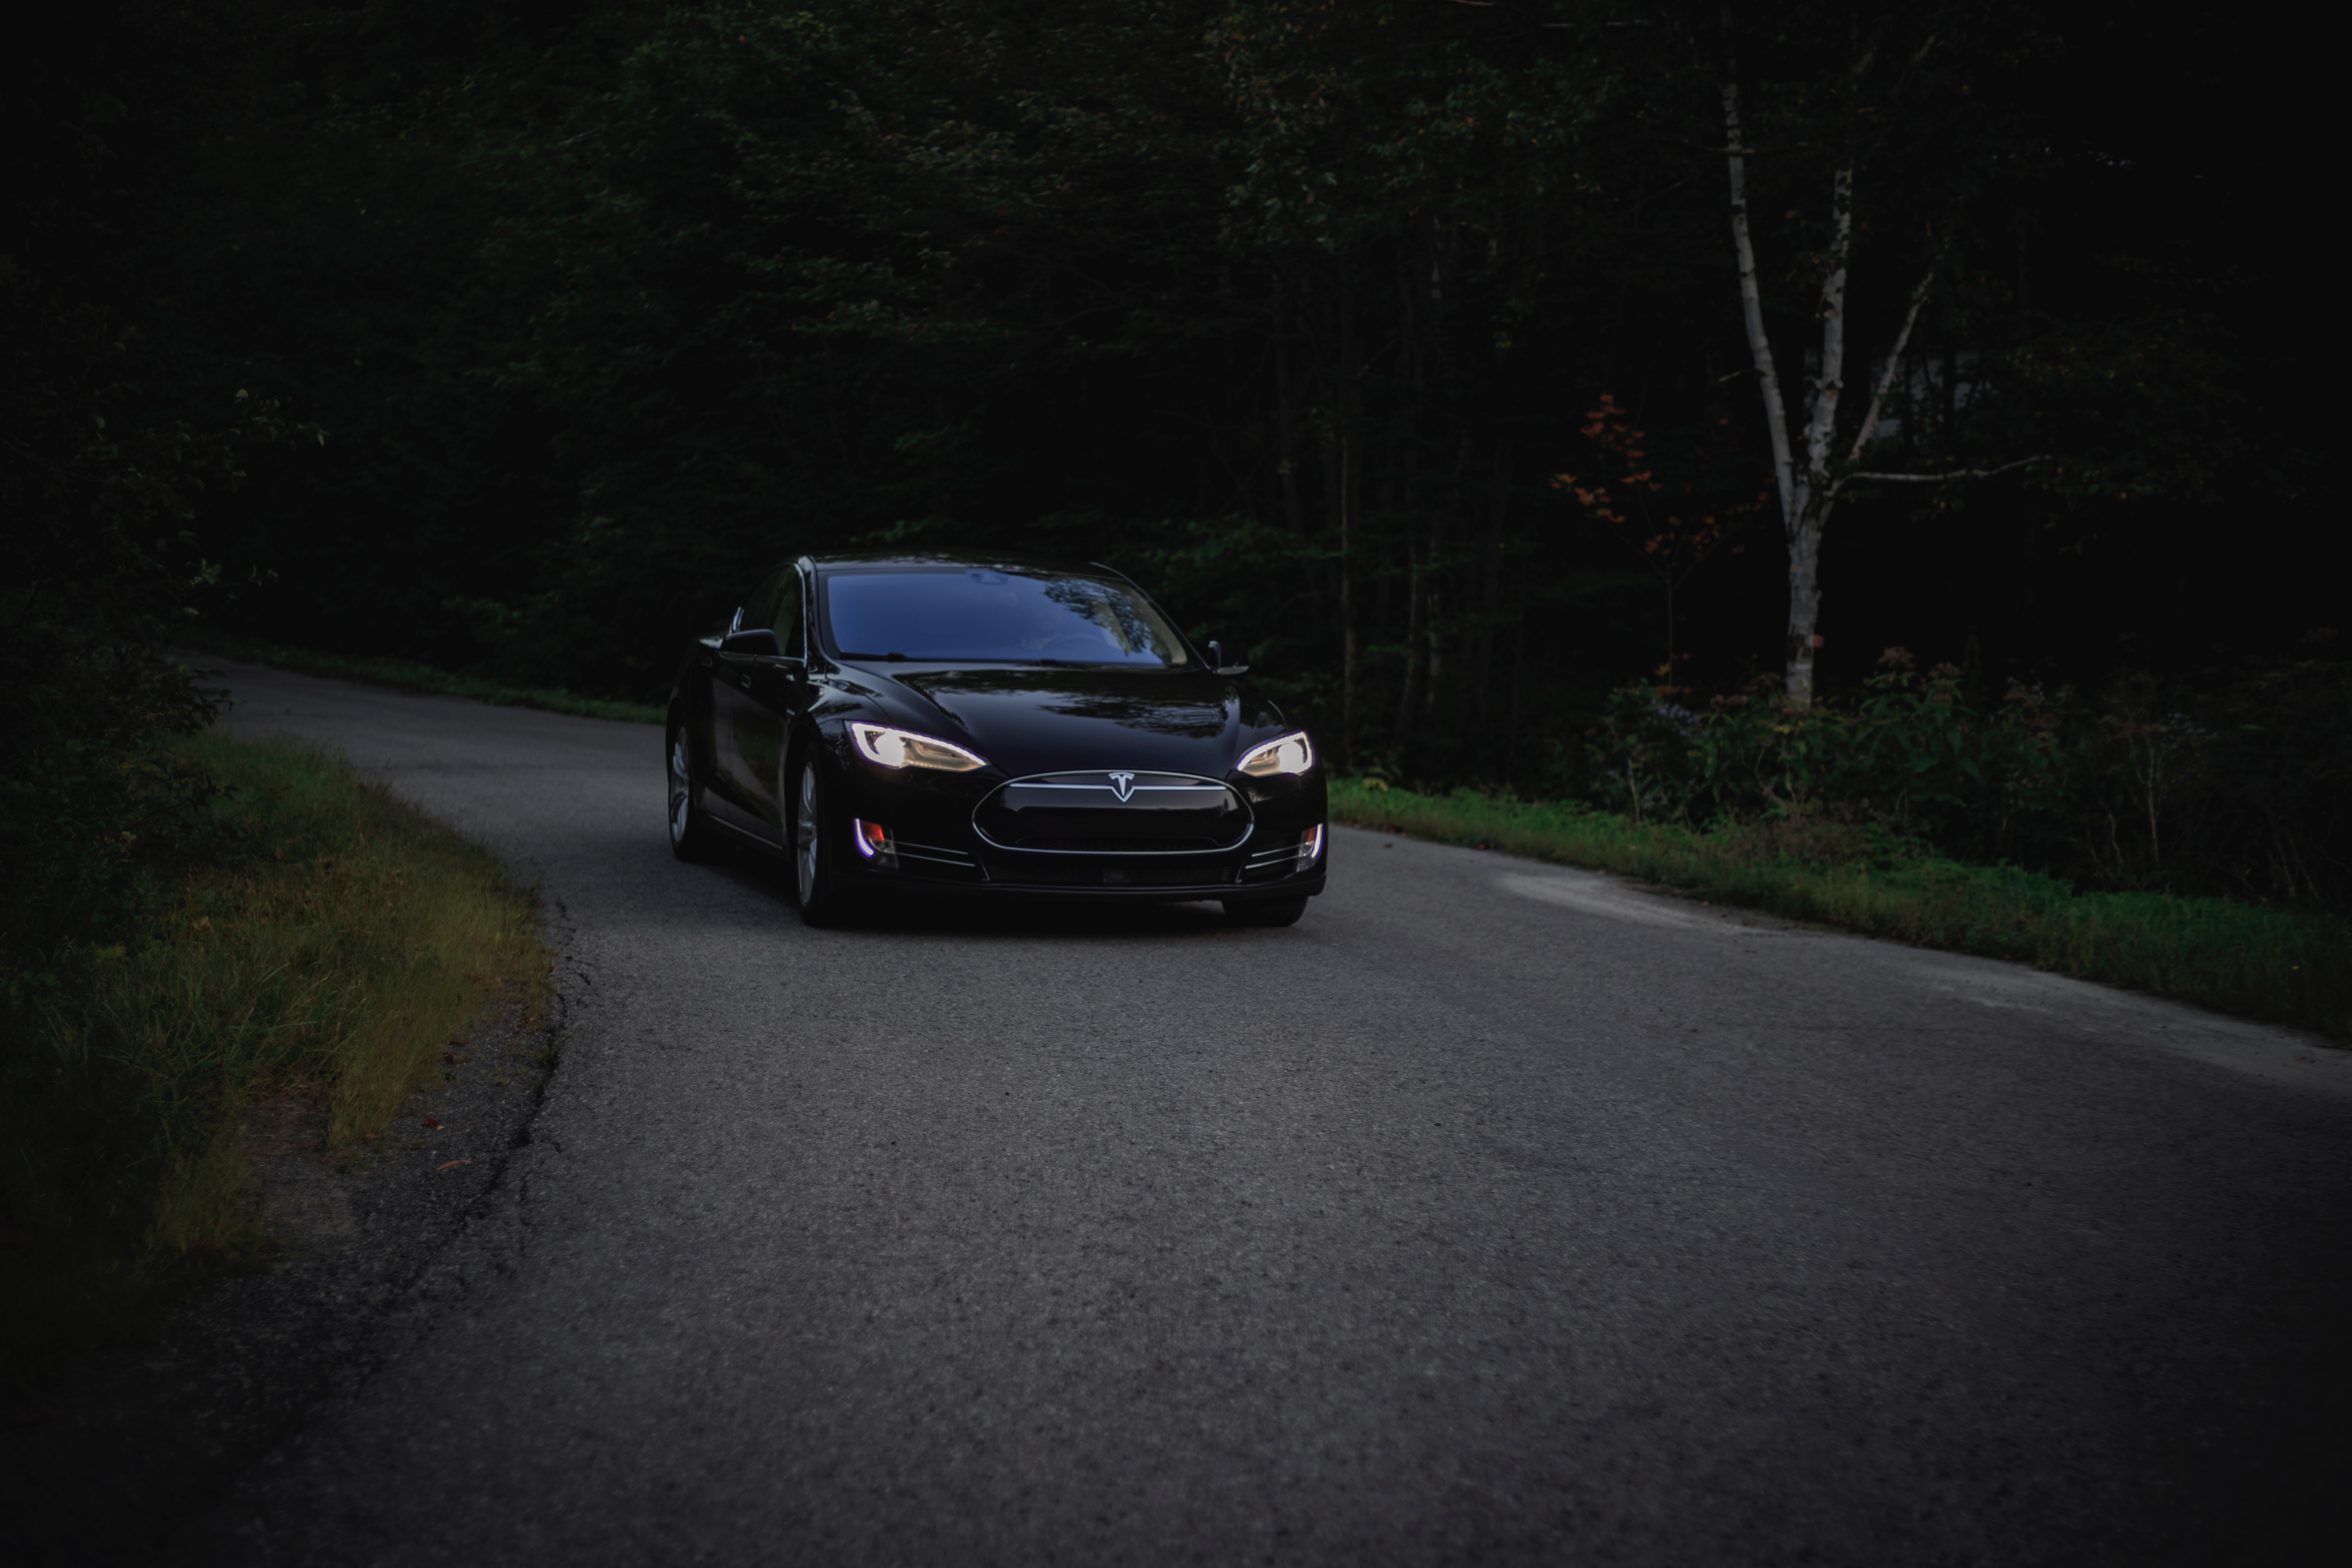 149060 скачать обои Асфальт, Тачки (Cars), Лес, Автомобиль, Темный, Tesla - заставки и картинки бесплатно